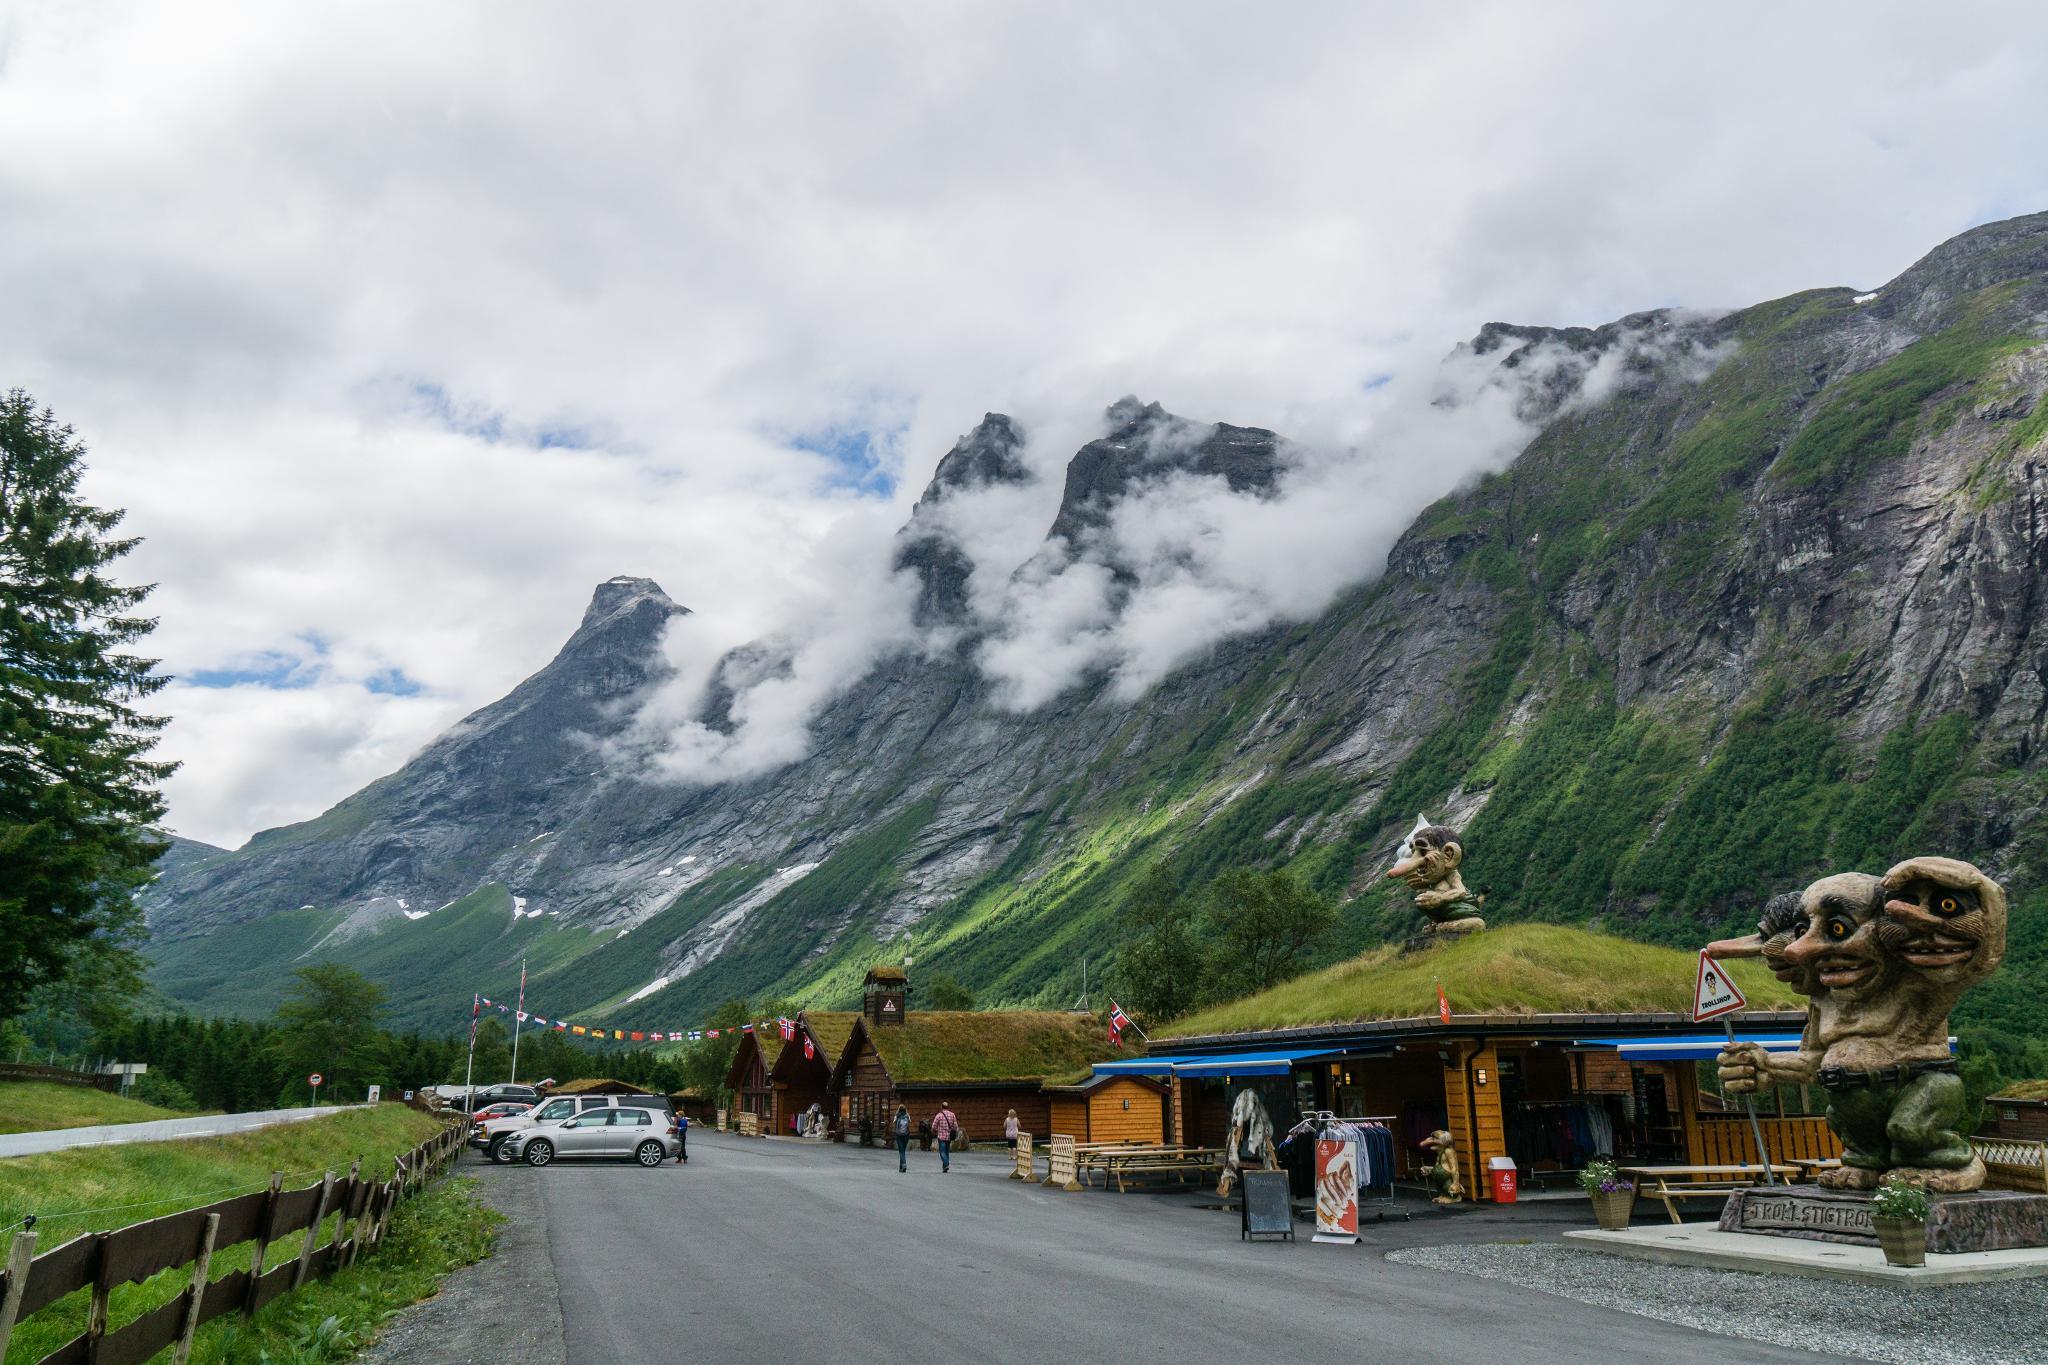 【北歐露營】在妖精出沒的峽谷中露營 - Trollstigen Camping 4